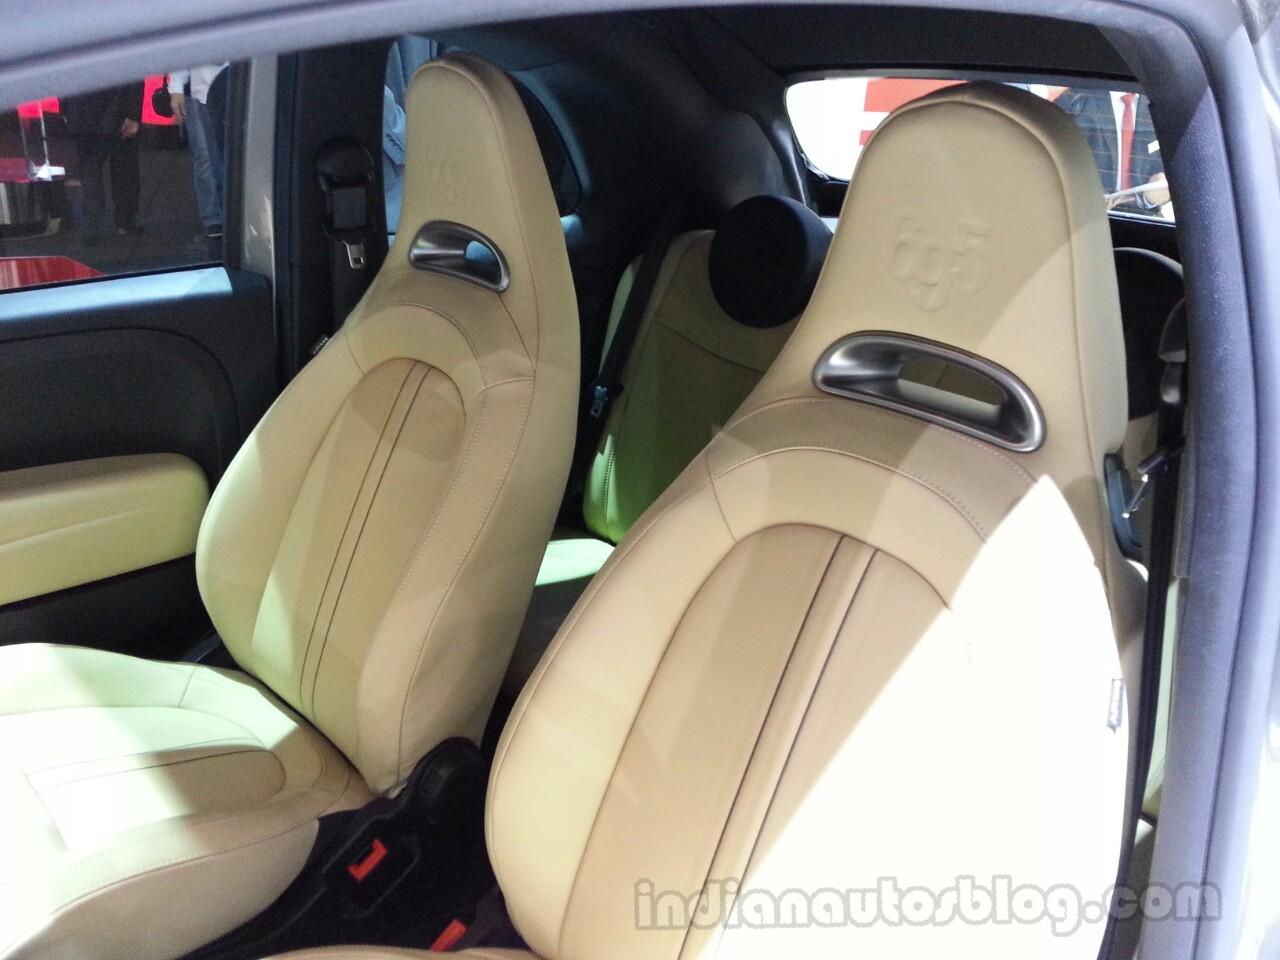 Abarth 695 Edizione Maserati seats